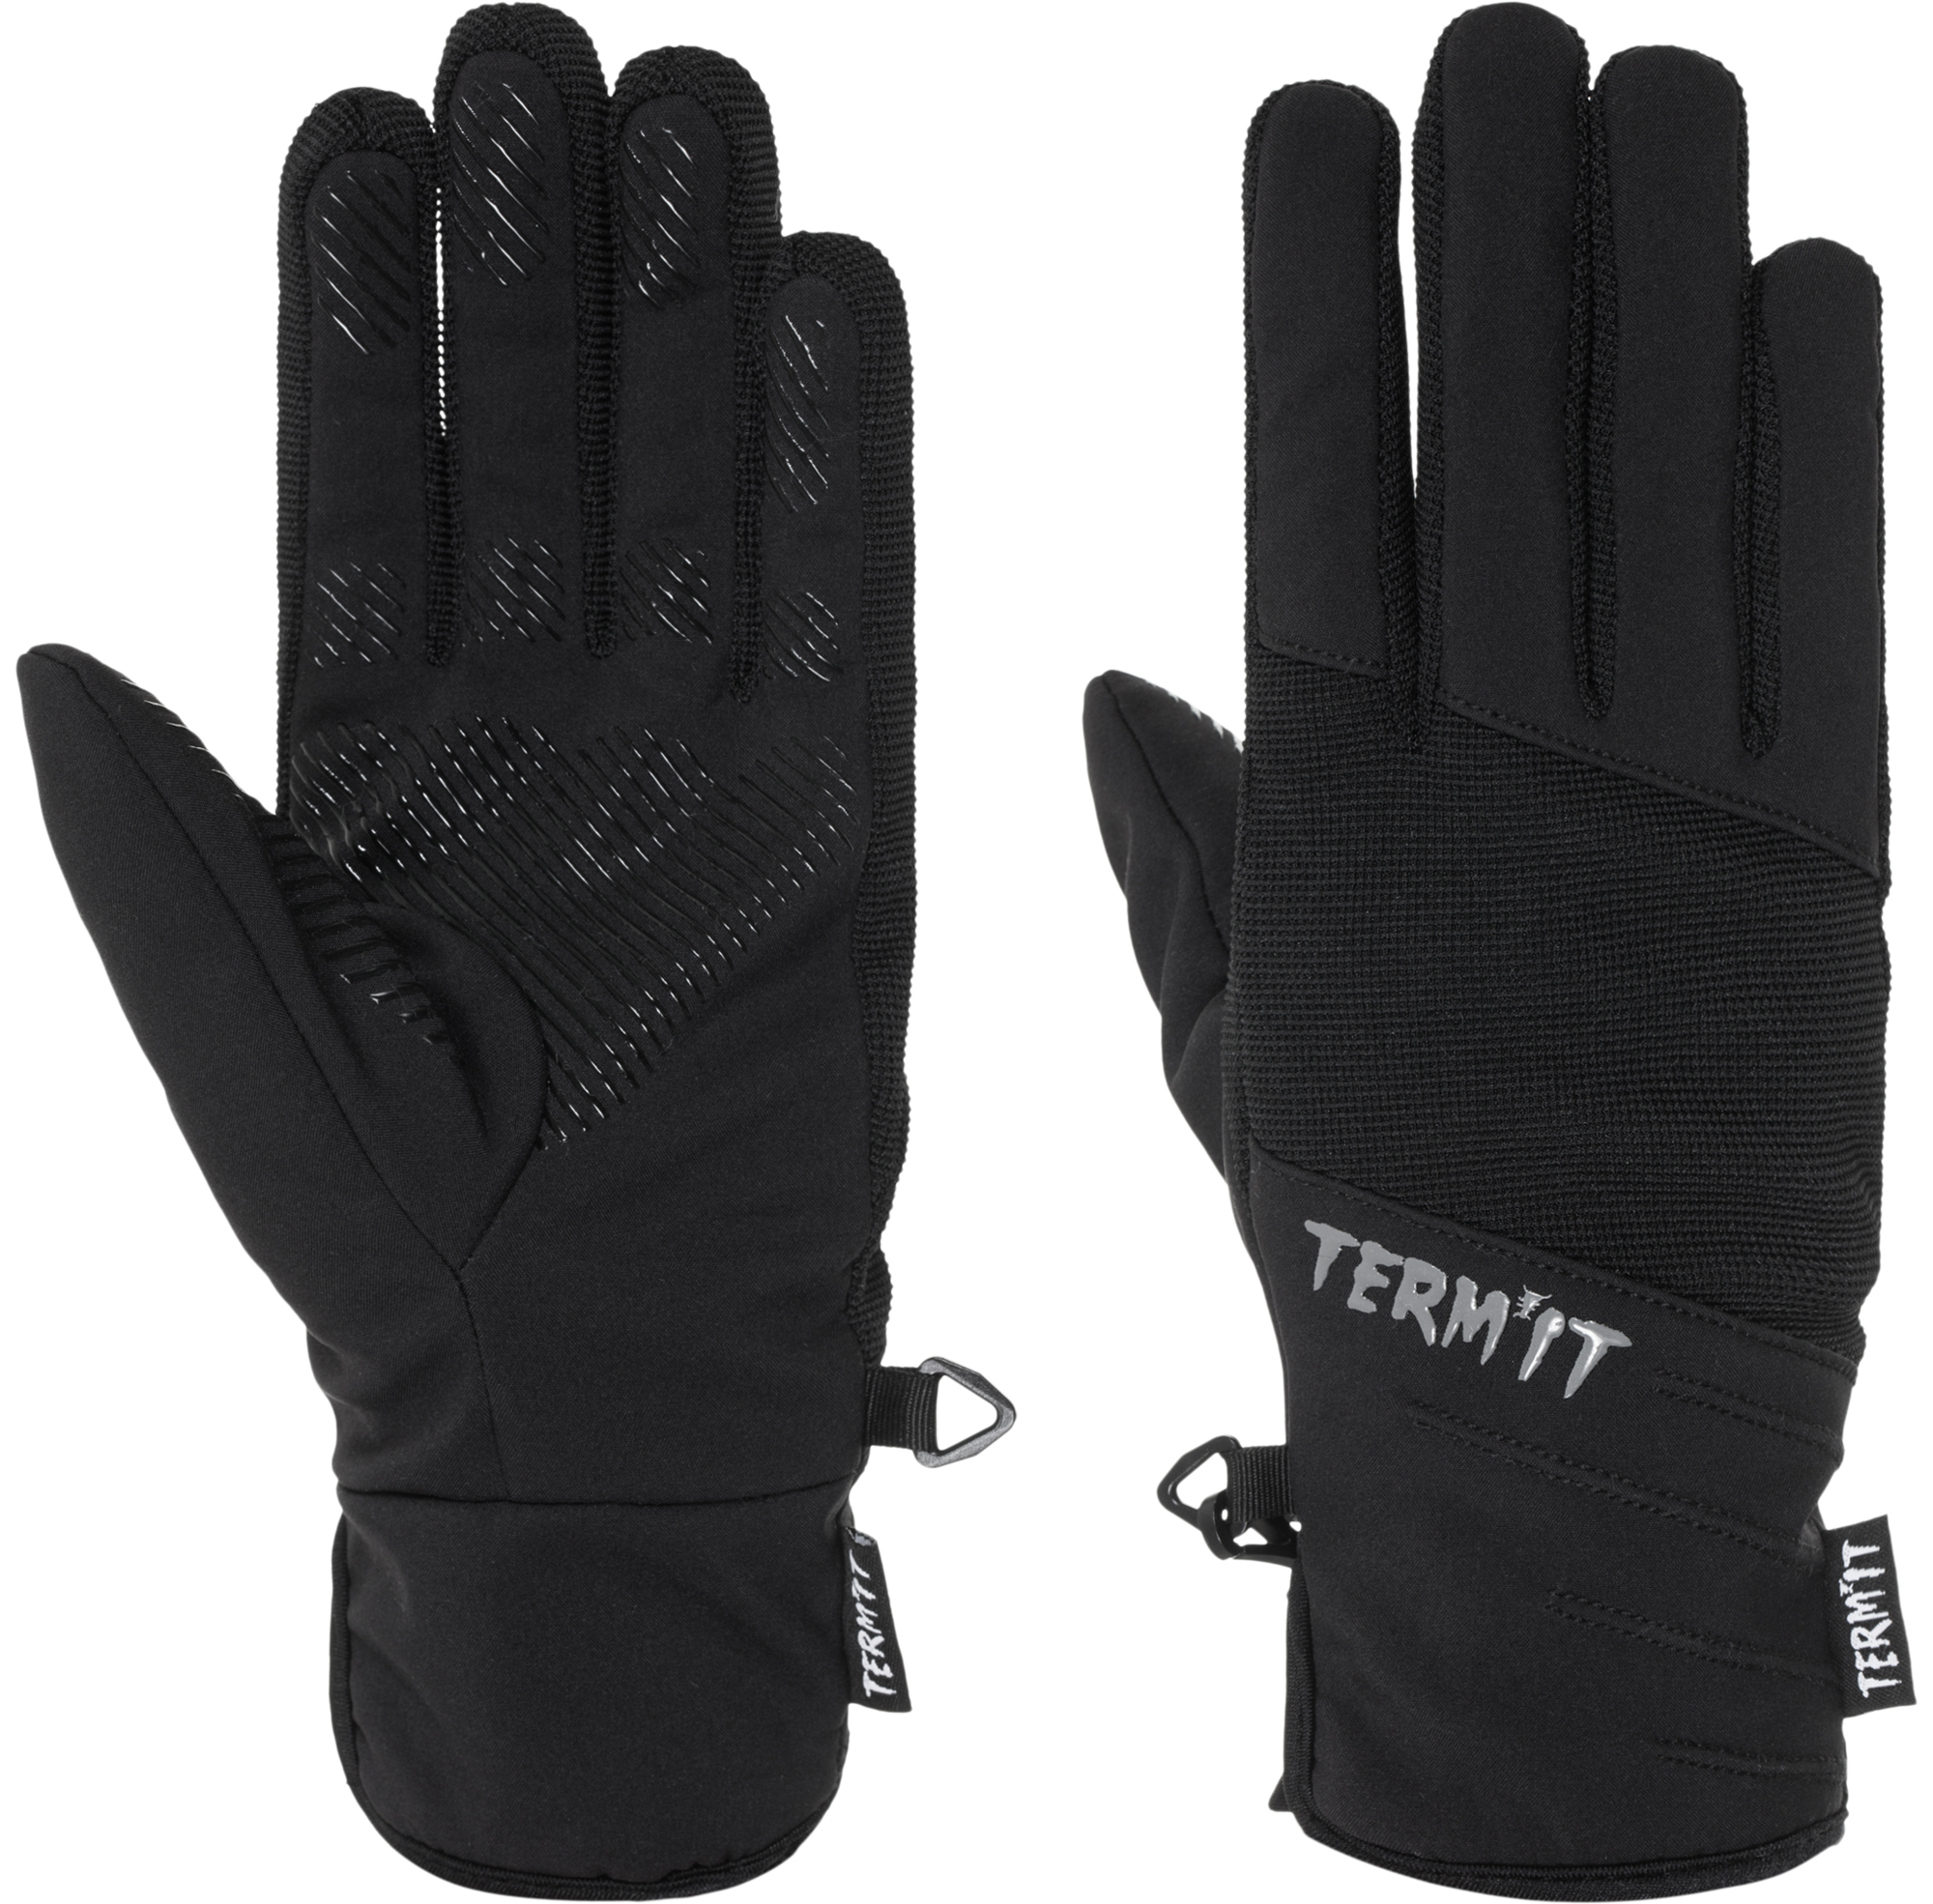 Termit Перчатки Termit, размер 10